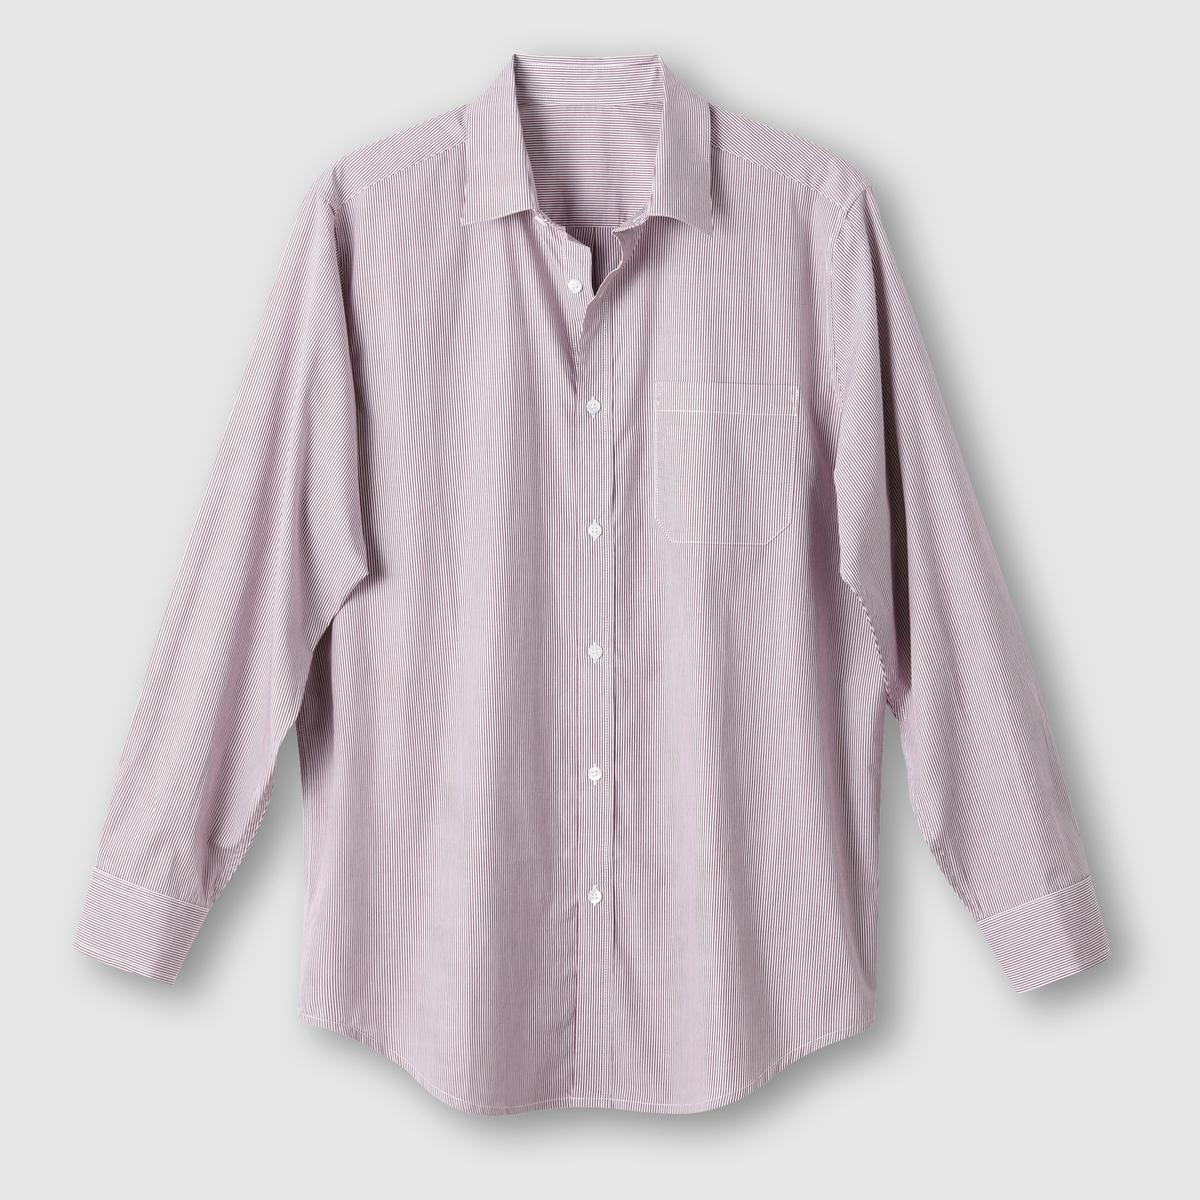 Рубашка из поплина, рост 2 (от 1,76 до 1,87 м)Рубашка с длинными рукавами.  Из оригинального поплина в полоску или в клетку с окрашенными волокнами. Воротник со свободными уголками. 1 нагрудный карман. Складка с вешалкой сзади. Слегка закругленный низ.Поплин, 100% хлопок. Рост 2 (при росте от 1,76 до 1,87 м) :  длина рубашки 85 см, длина рукава 65 см. Есть модели на рост 1 и 3.<br><br>Цвет: в полоску бордовый/белый